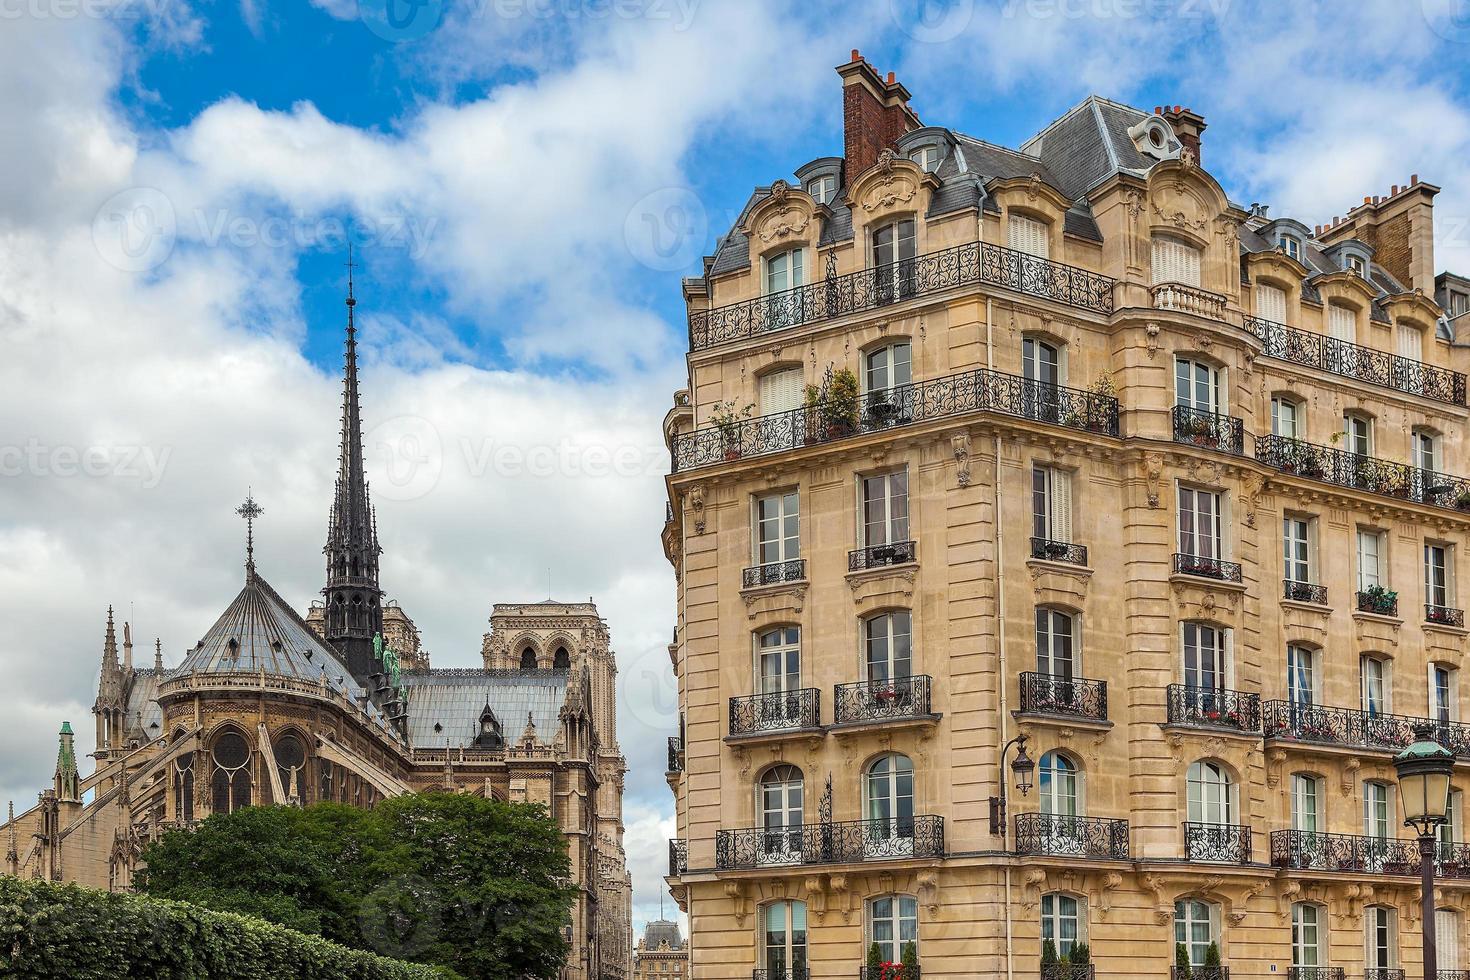 immeuble parisien et cathédrale notre dame de paris. photo